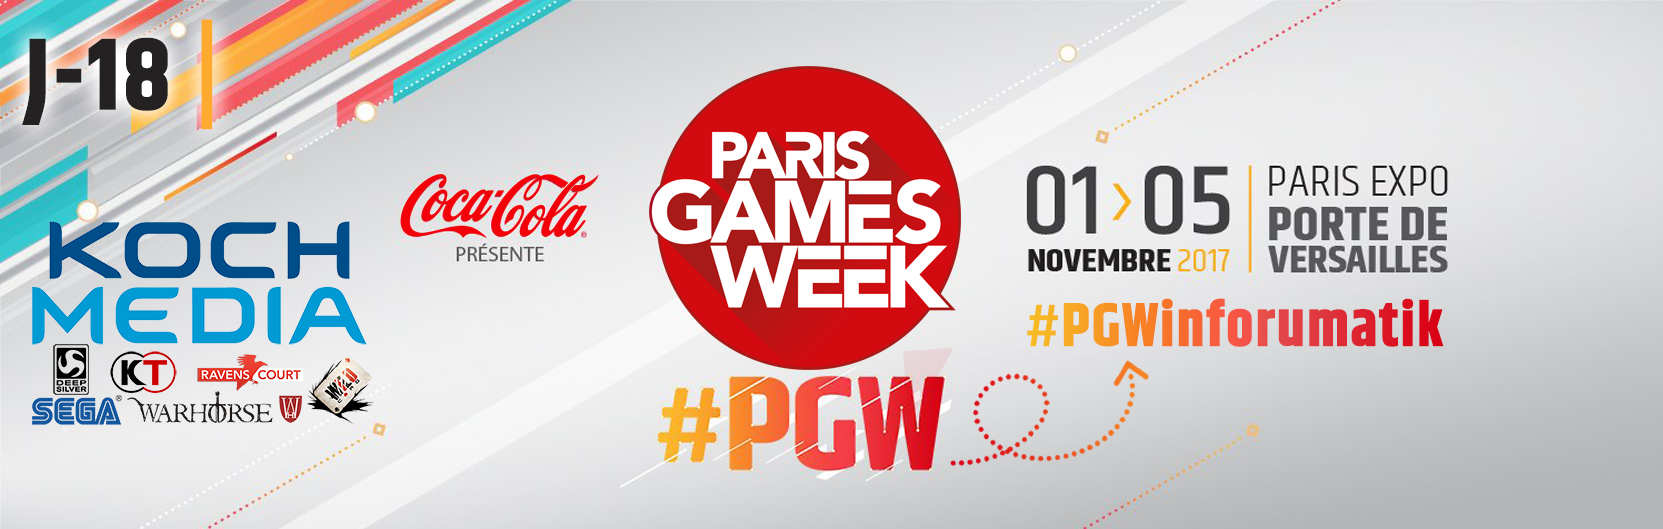 [J-18] Paris Games Week 2017 : Koch Média